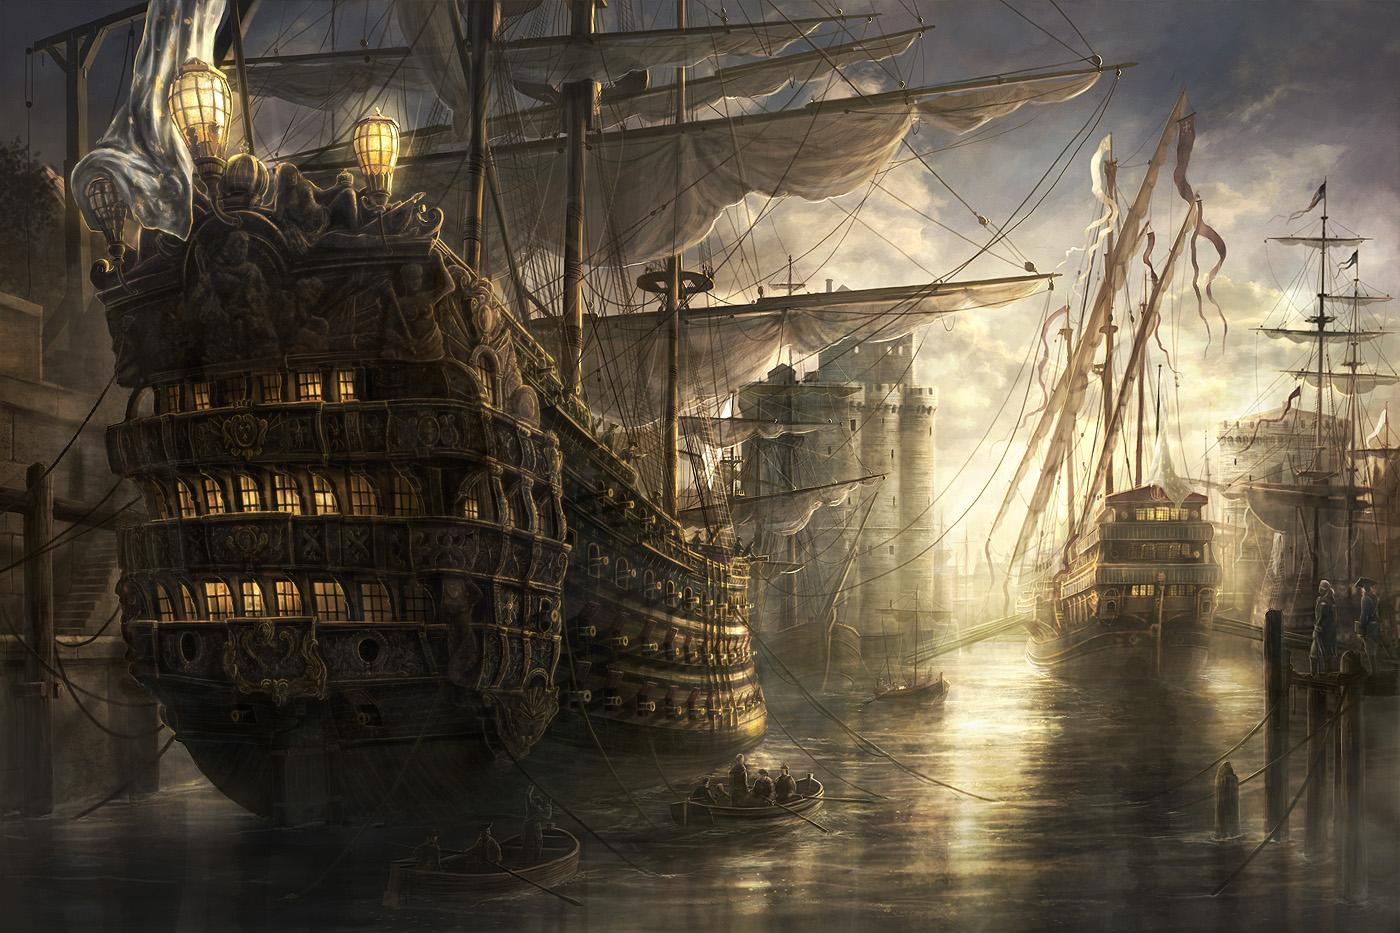 Como era o ataque de um navio pirata? | Mundo Estranho